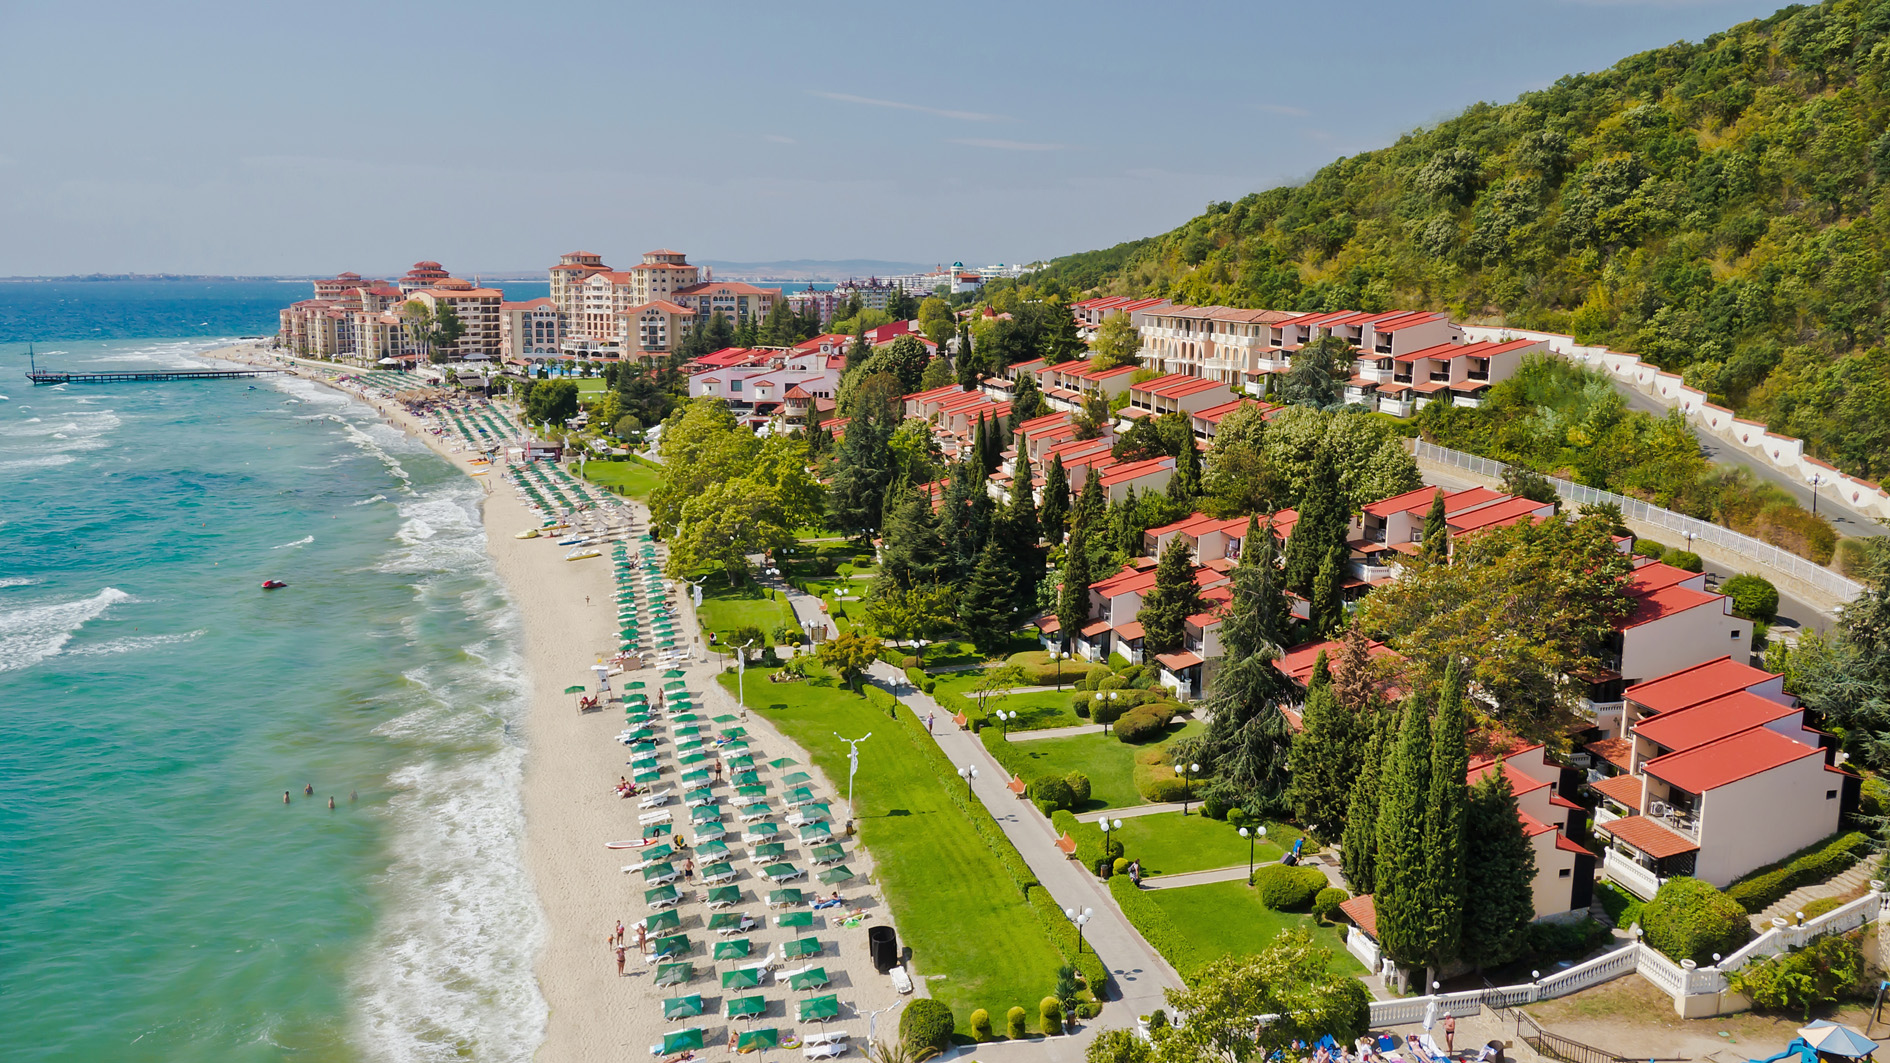 Bugarska letovanje cene aranžmana letovanje